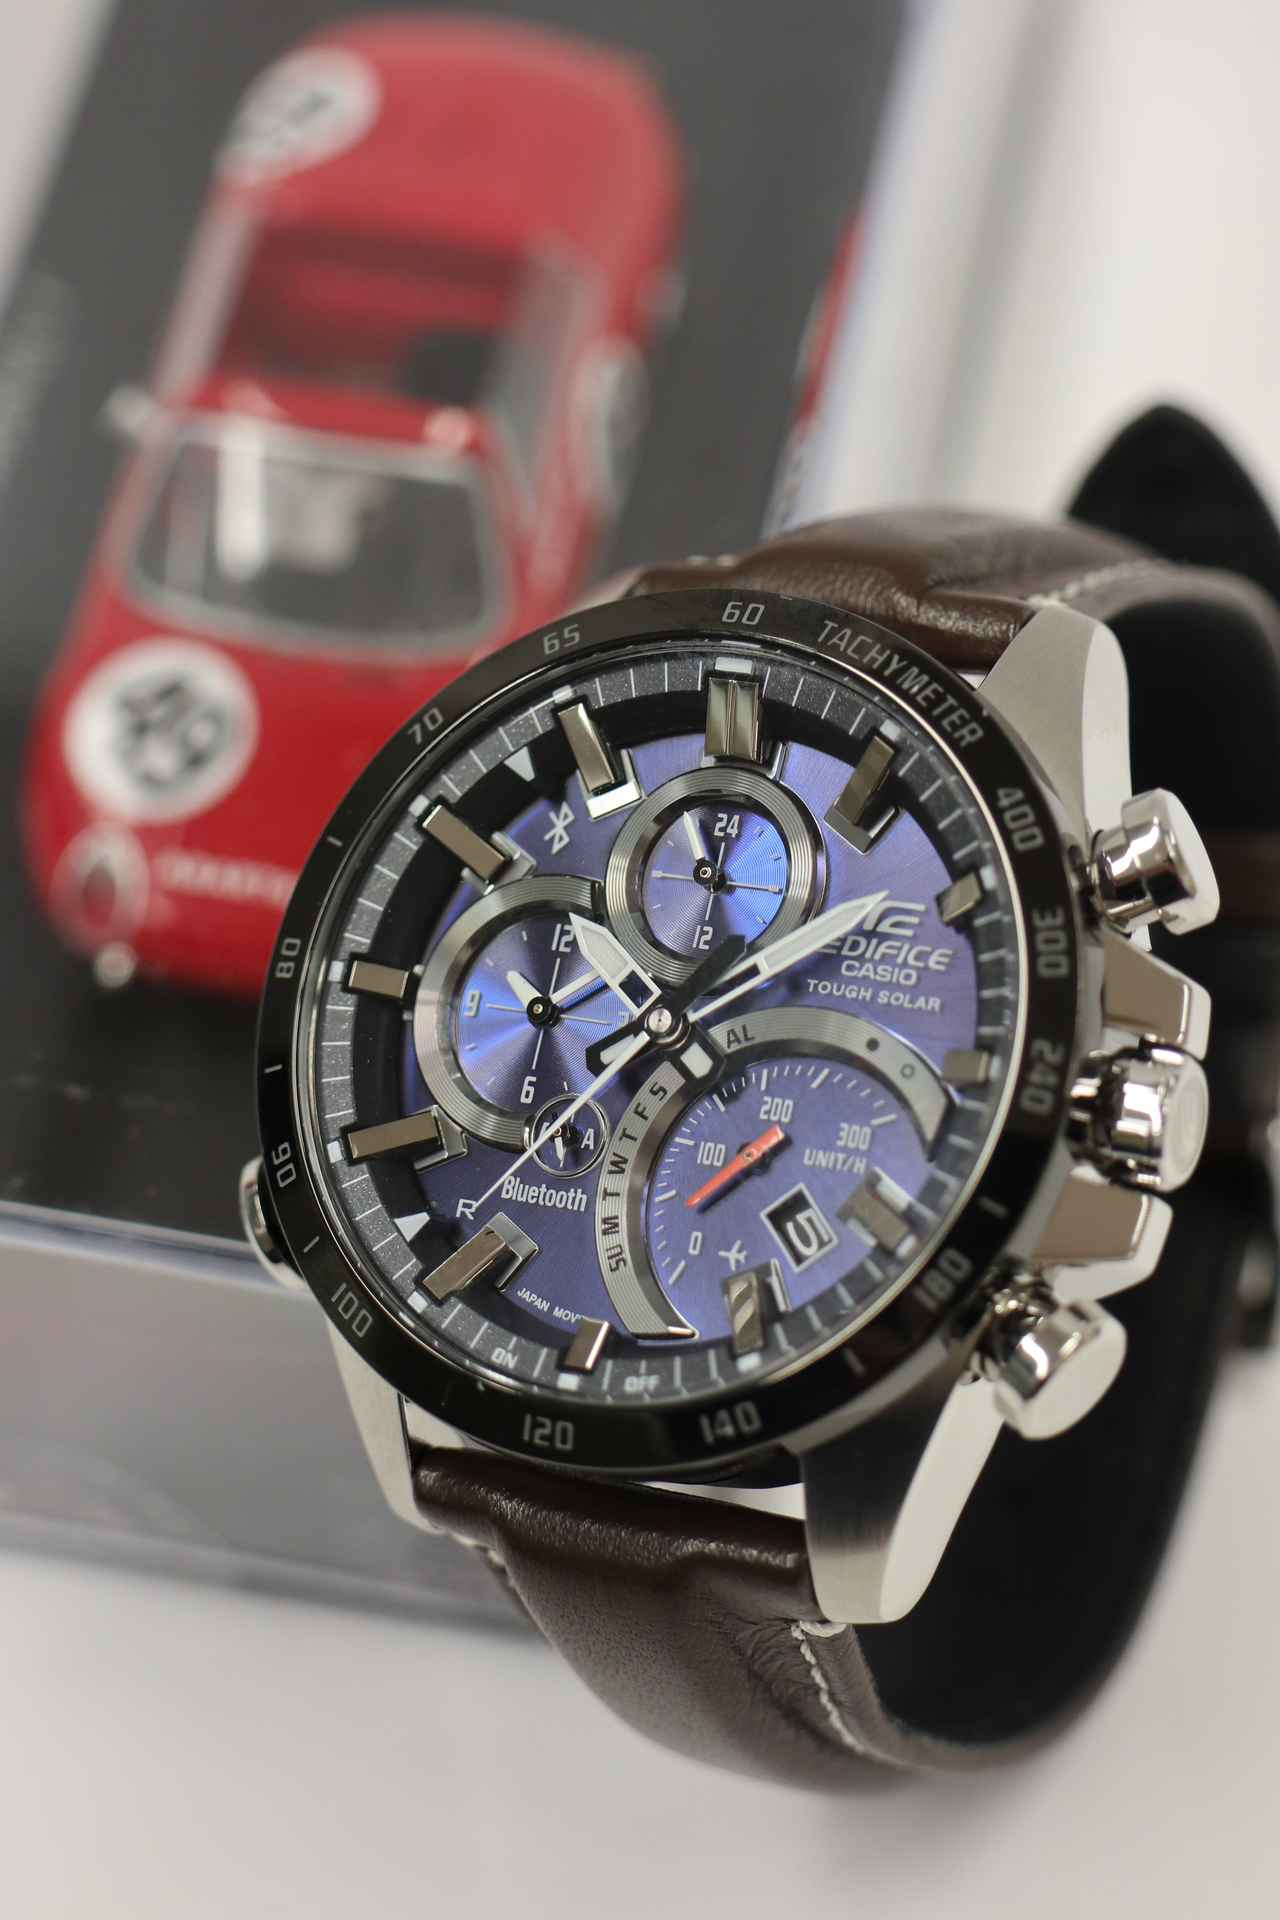 画像5: デザインにも性能にも拘りたい輸入車オーナーへ。 クルマ好きが上がる最新腕時計をモータージャーナリスト嶋田智之さんが徹底インプレッション